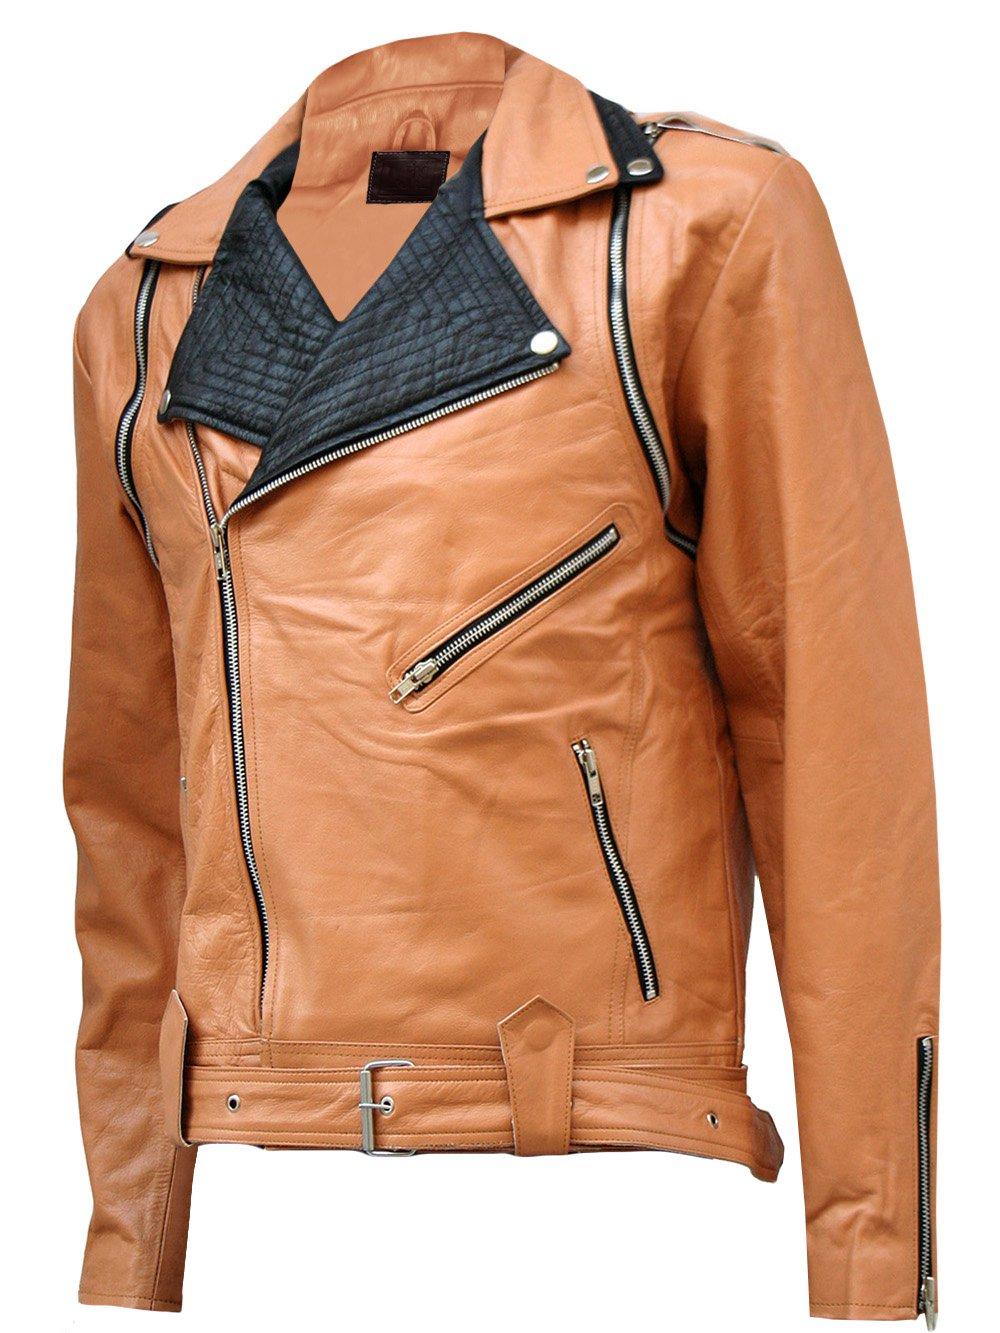 Tan & Black Draped Leather Jacket for Men - Takuma